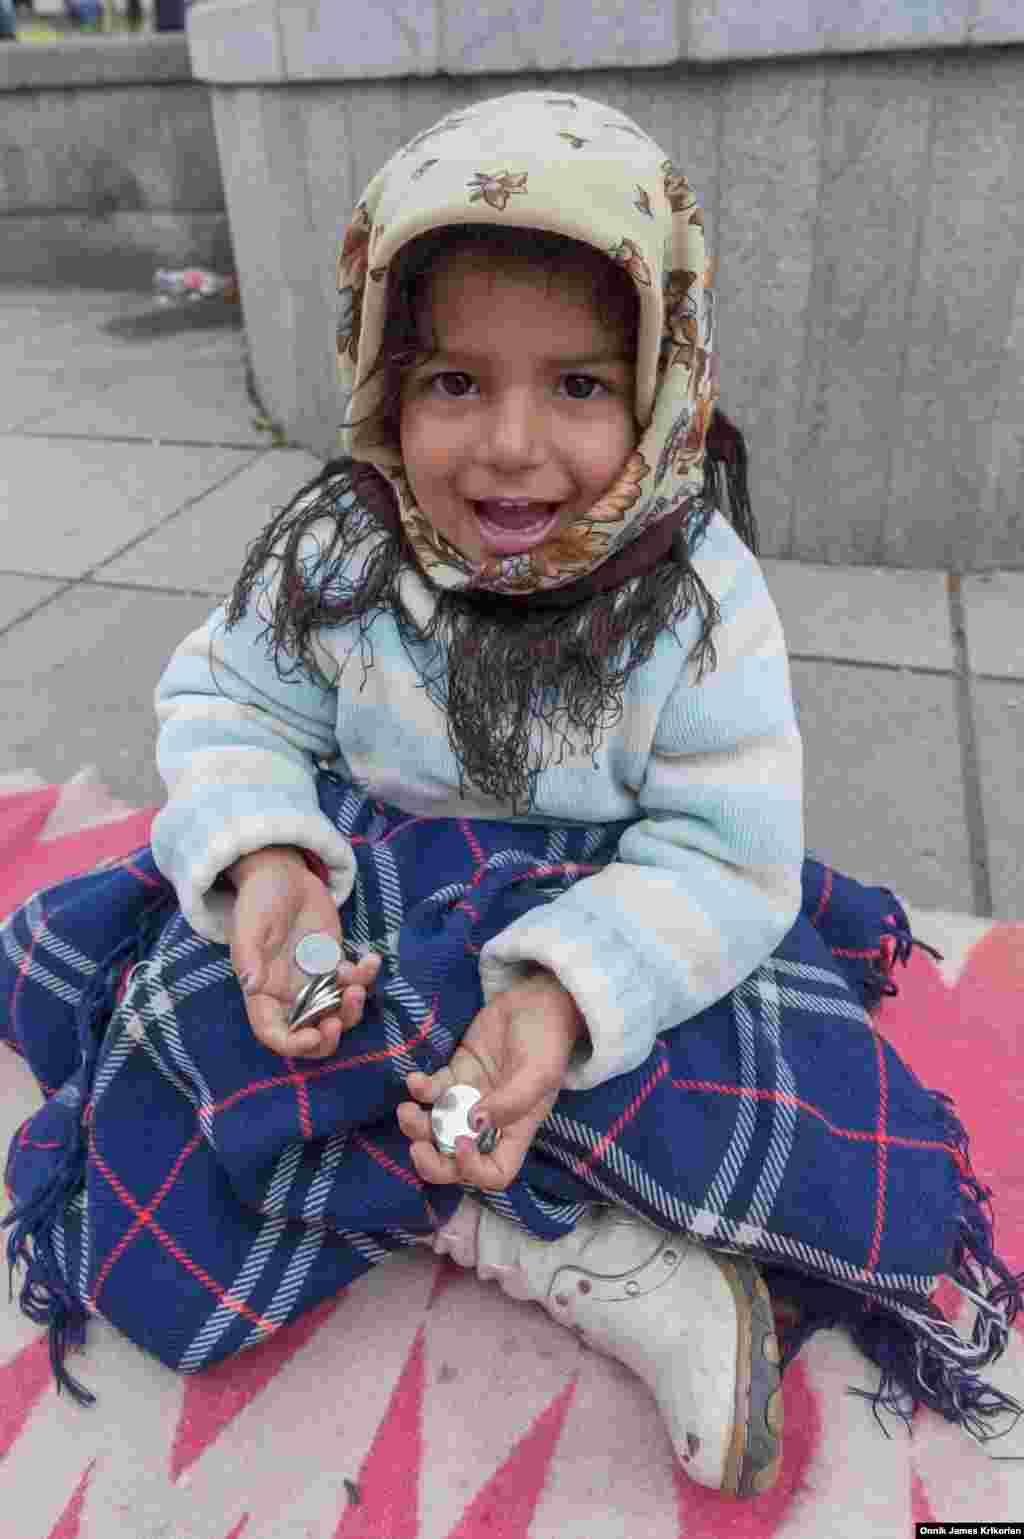 UNICEF разделяет беспризорников на три категории: дети, убежавшие из своих семей; дети, живущие на улице вместе с семьей; и те, которые проводят большую часть своего времени на улицах попрошайничая. В Грузии, как и везде в мире, встречаются все три категории, но самая многочисленная – третья